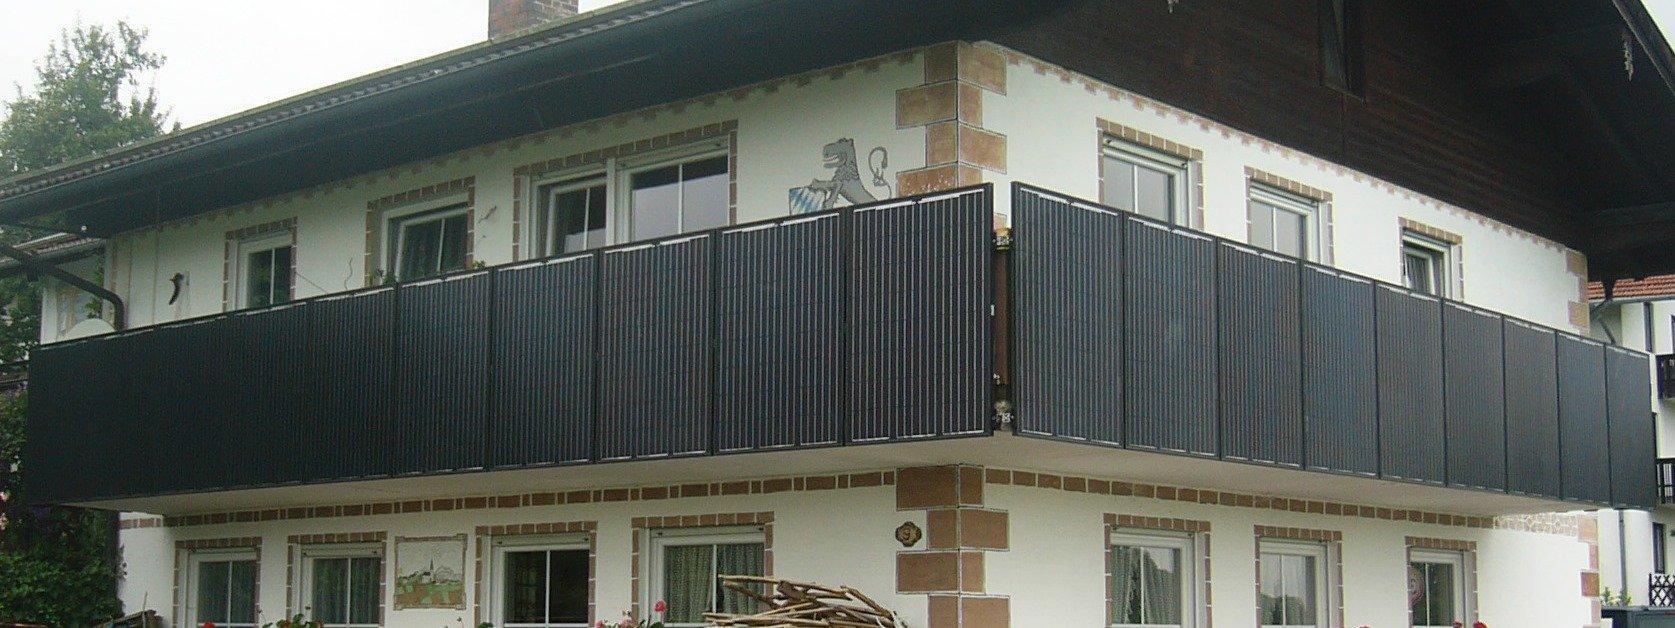 Auch der Balkon kann zur Befestigung der Photovoltaikanlage genutzt werden.